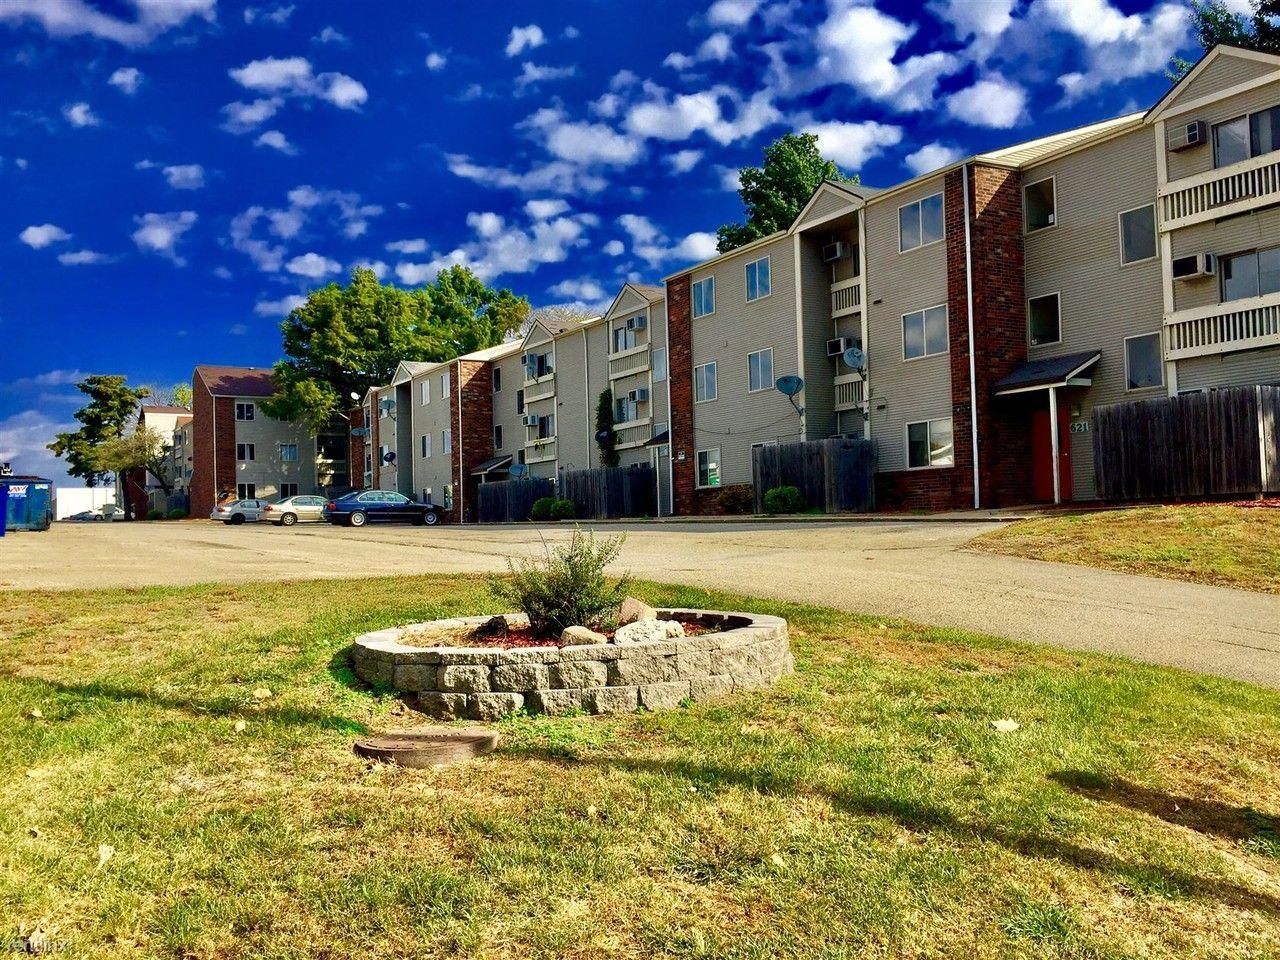 Crescent Pointe Apartments 501 Dr Champaign Il 61821 Zumper